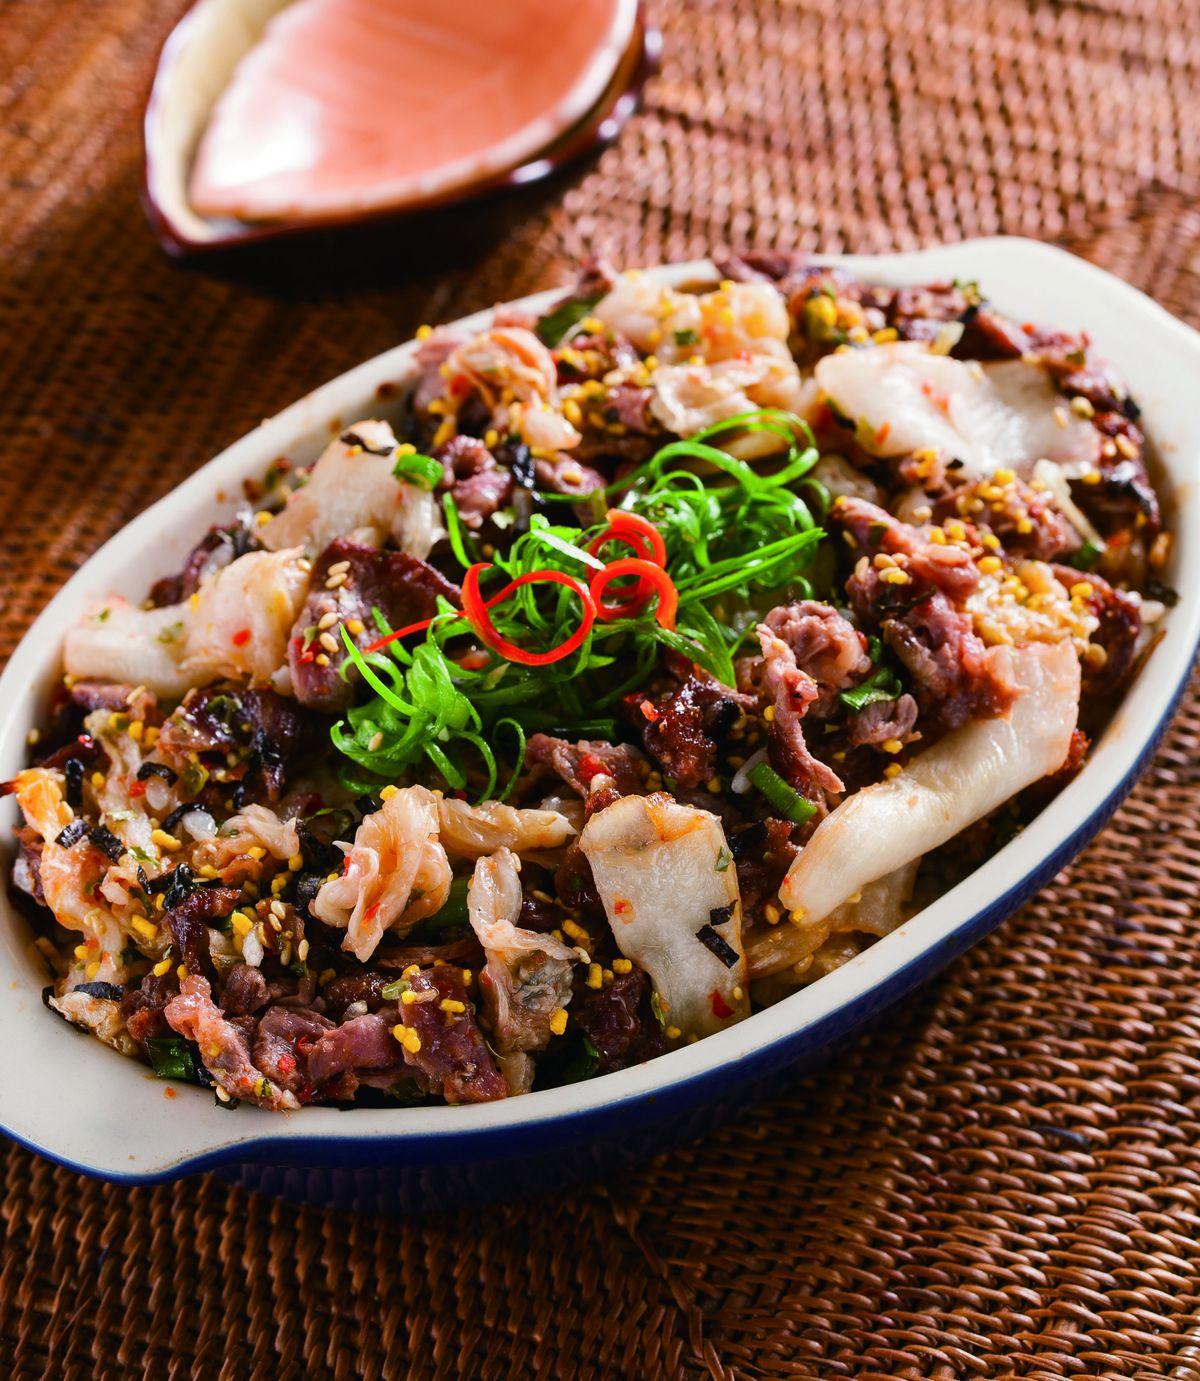 食譜:泡菜牛海苔飯